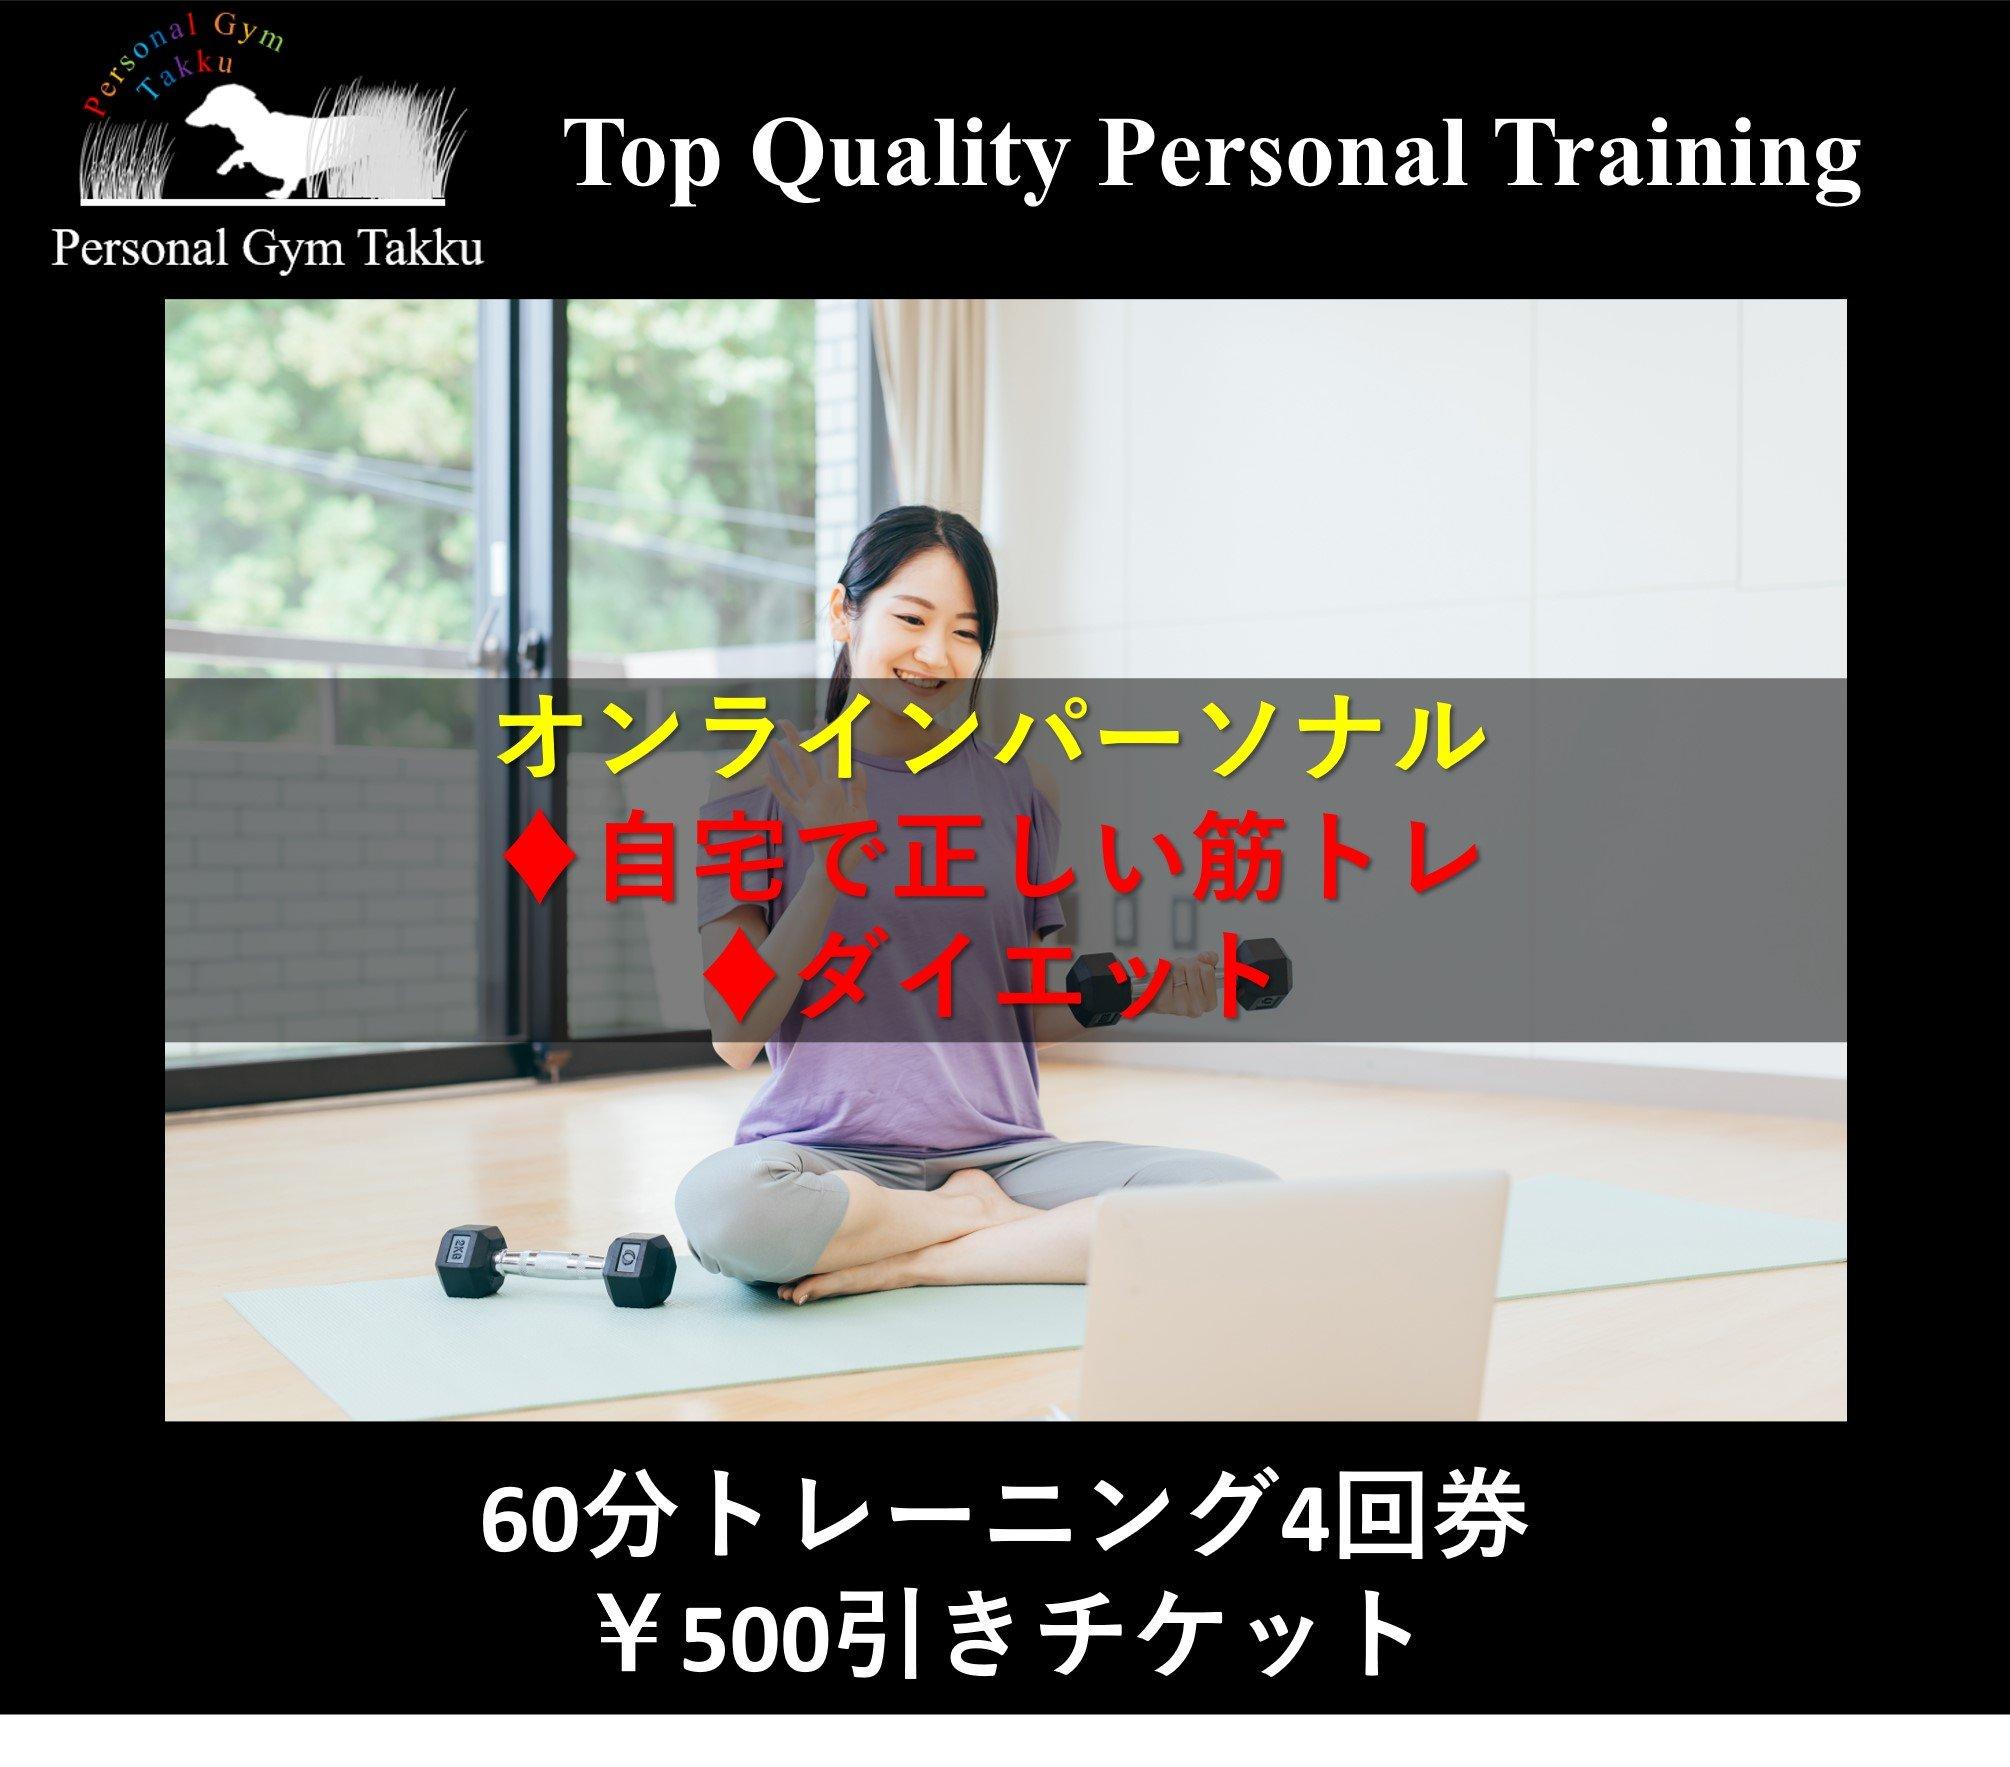 【オンラインパーソナル】60分トレーニング4回券 ¥500引きチケットのイメージその1